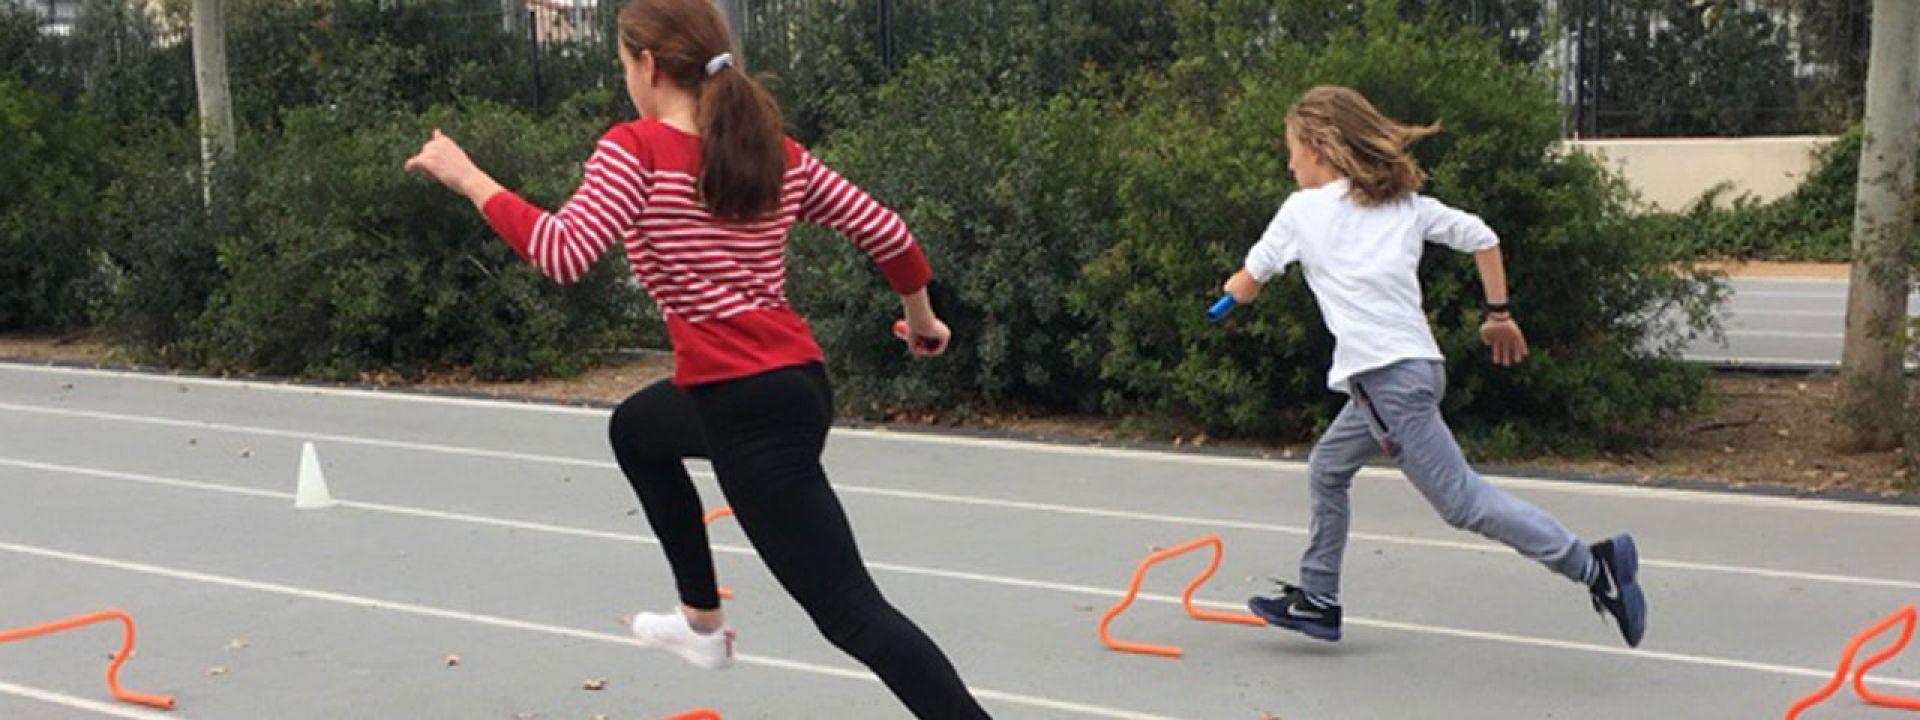 Φωτογραφία απο παιδιά που παίζουν στιβομαχίες